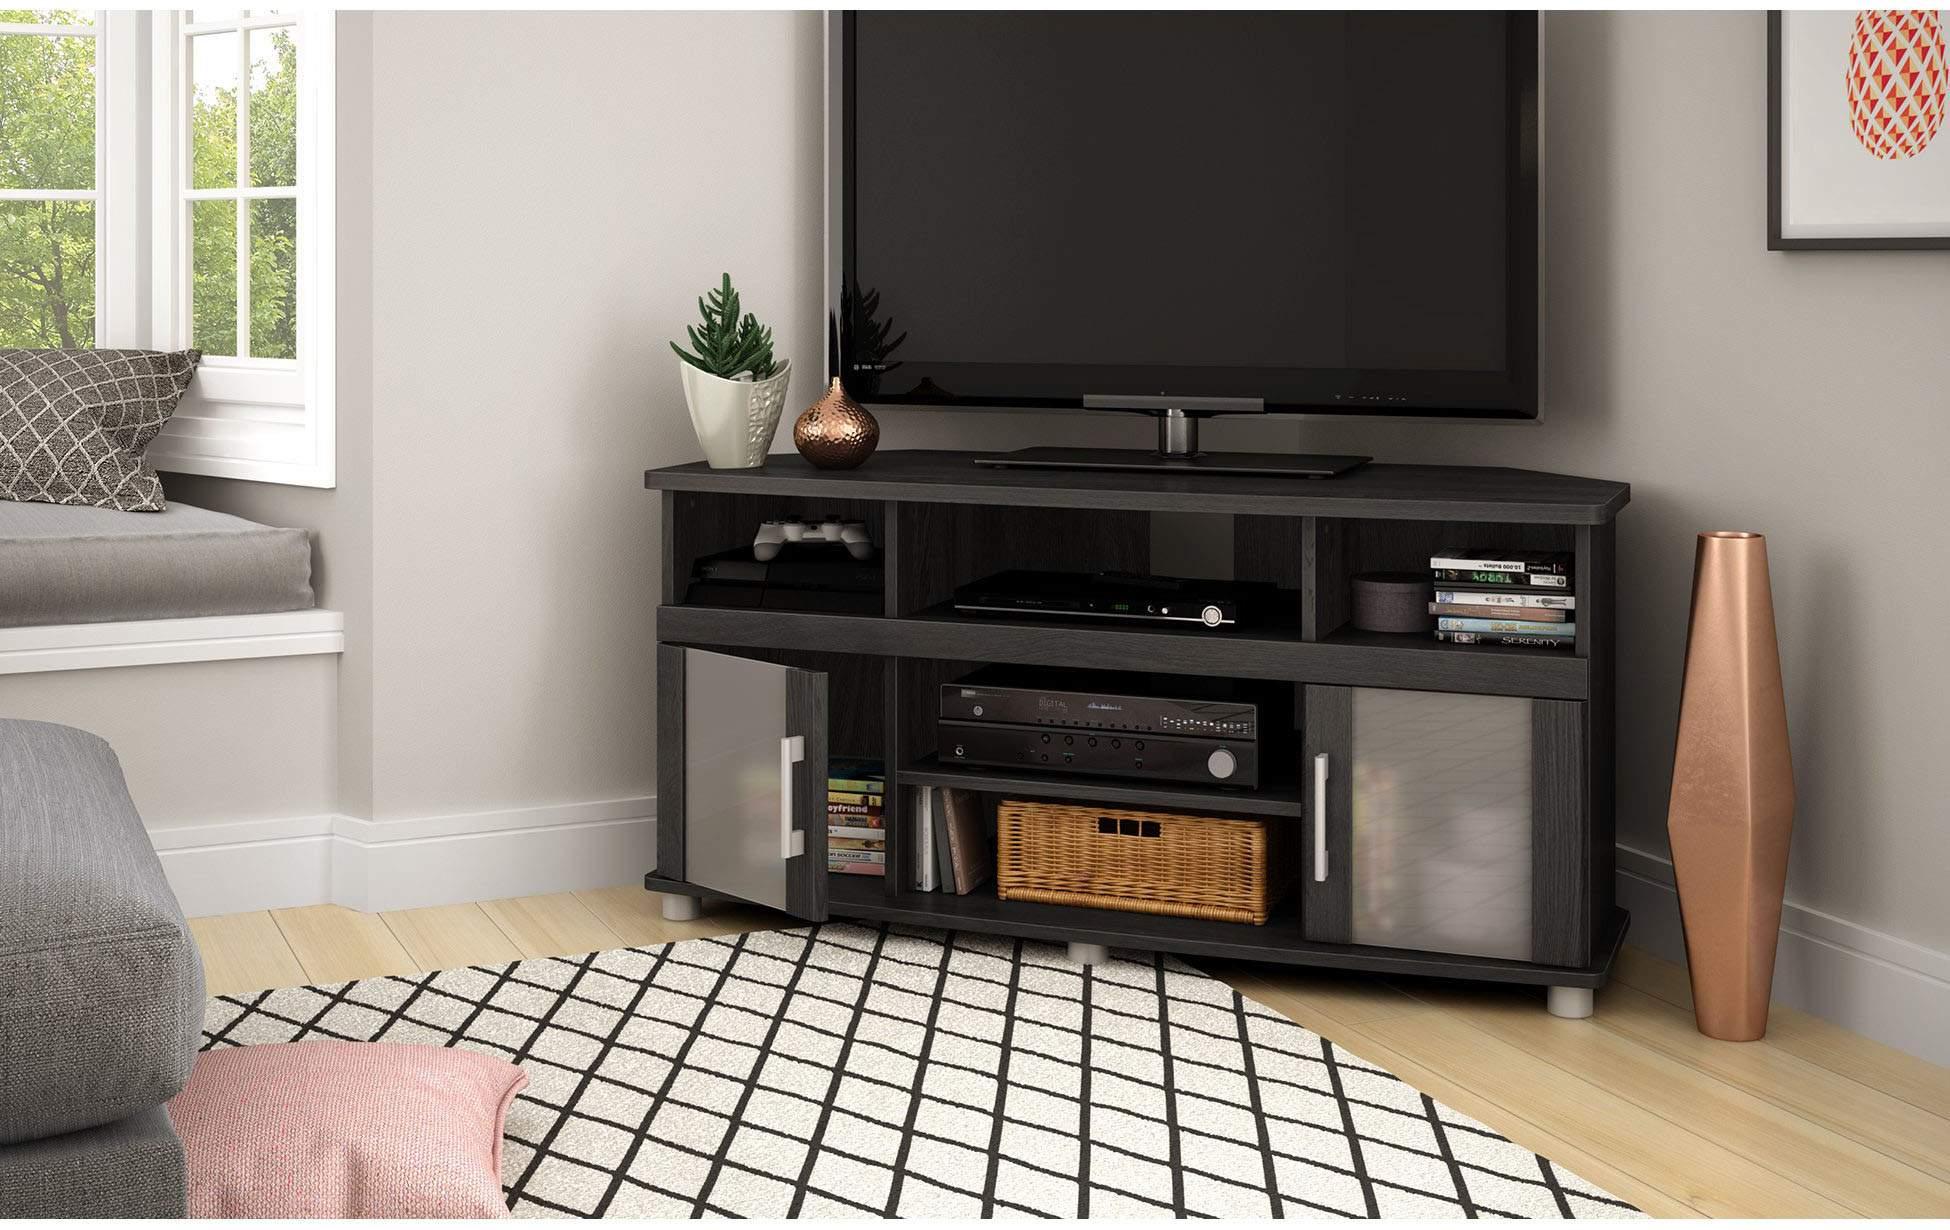 Kệ tivi góc bằng gỗ - TC16144